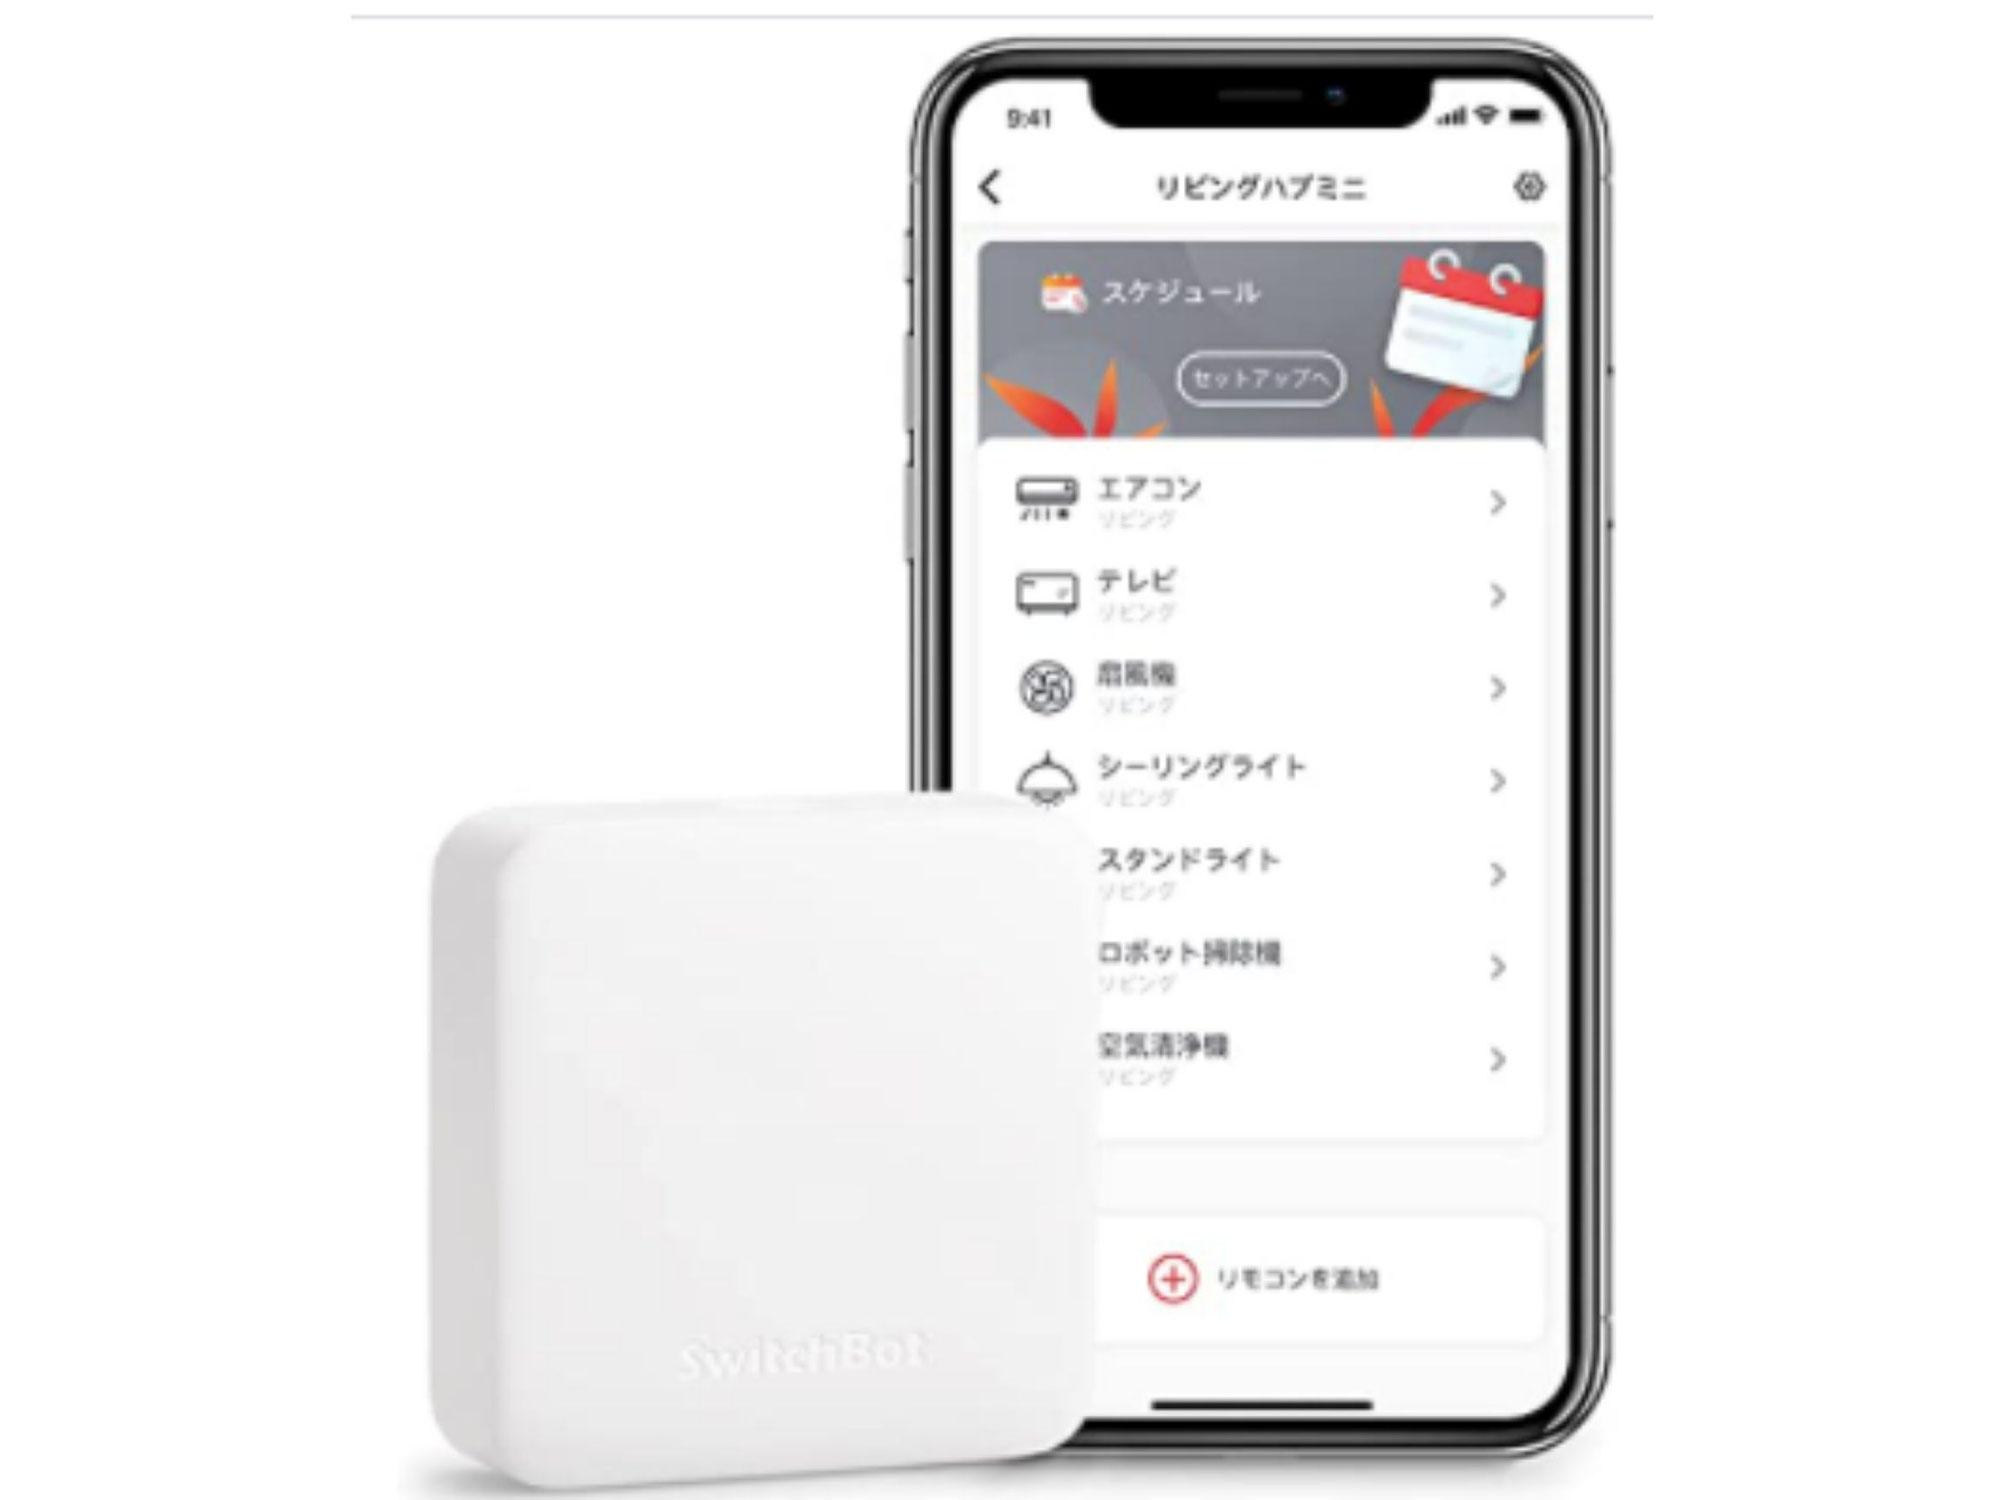 Amazonプライムセールラストお勧め、SwitchBot でスマートホームのお勧め